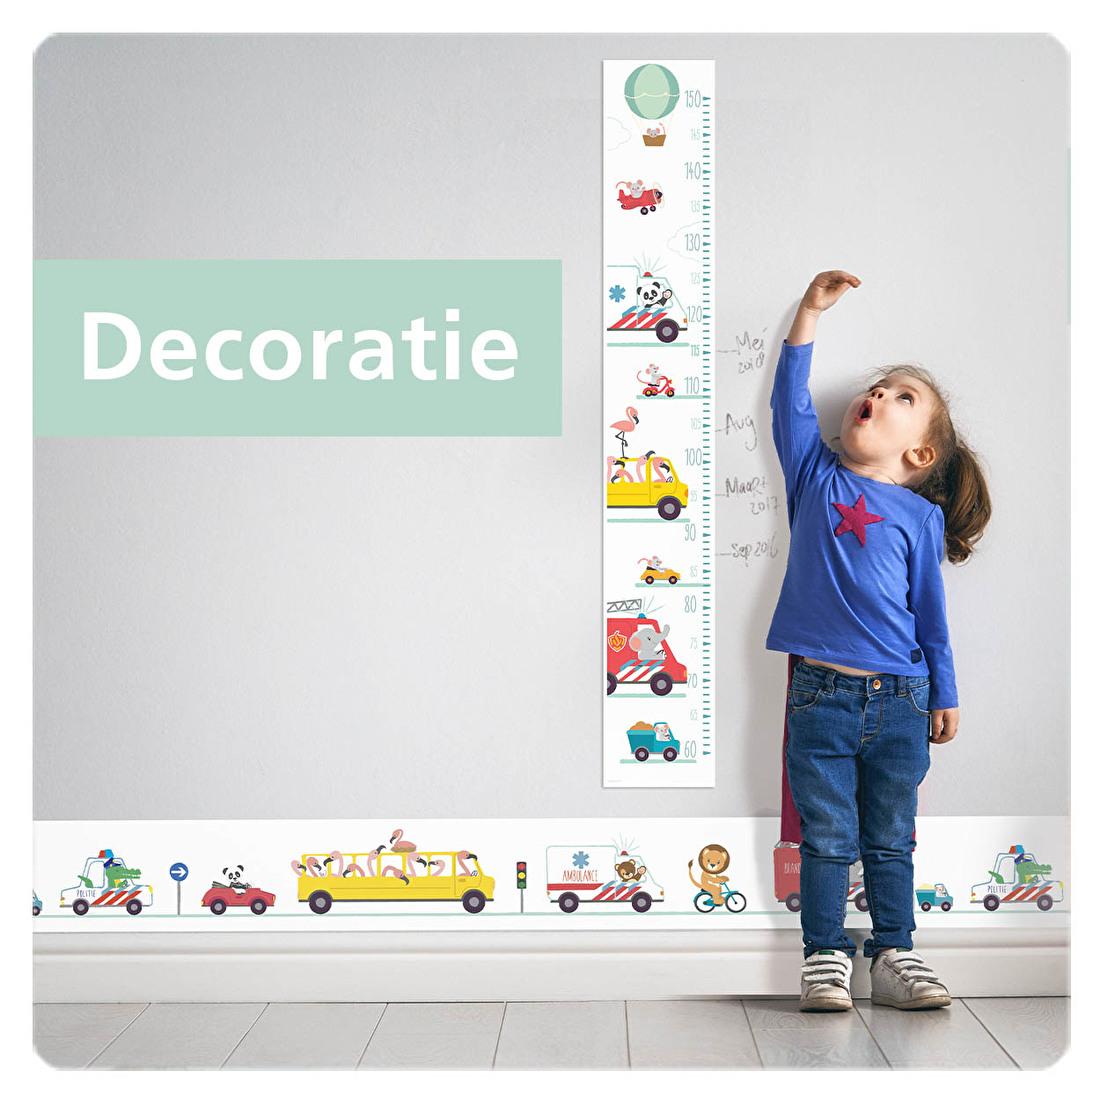 Kinderkamer decoratie meetlat behangranden